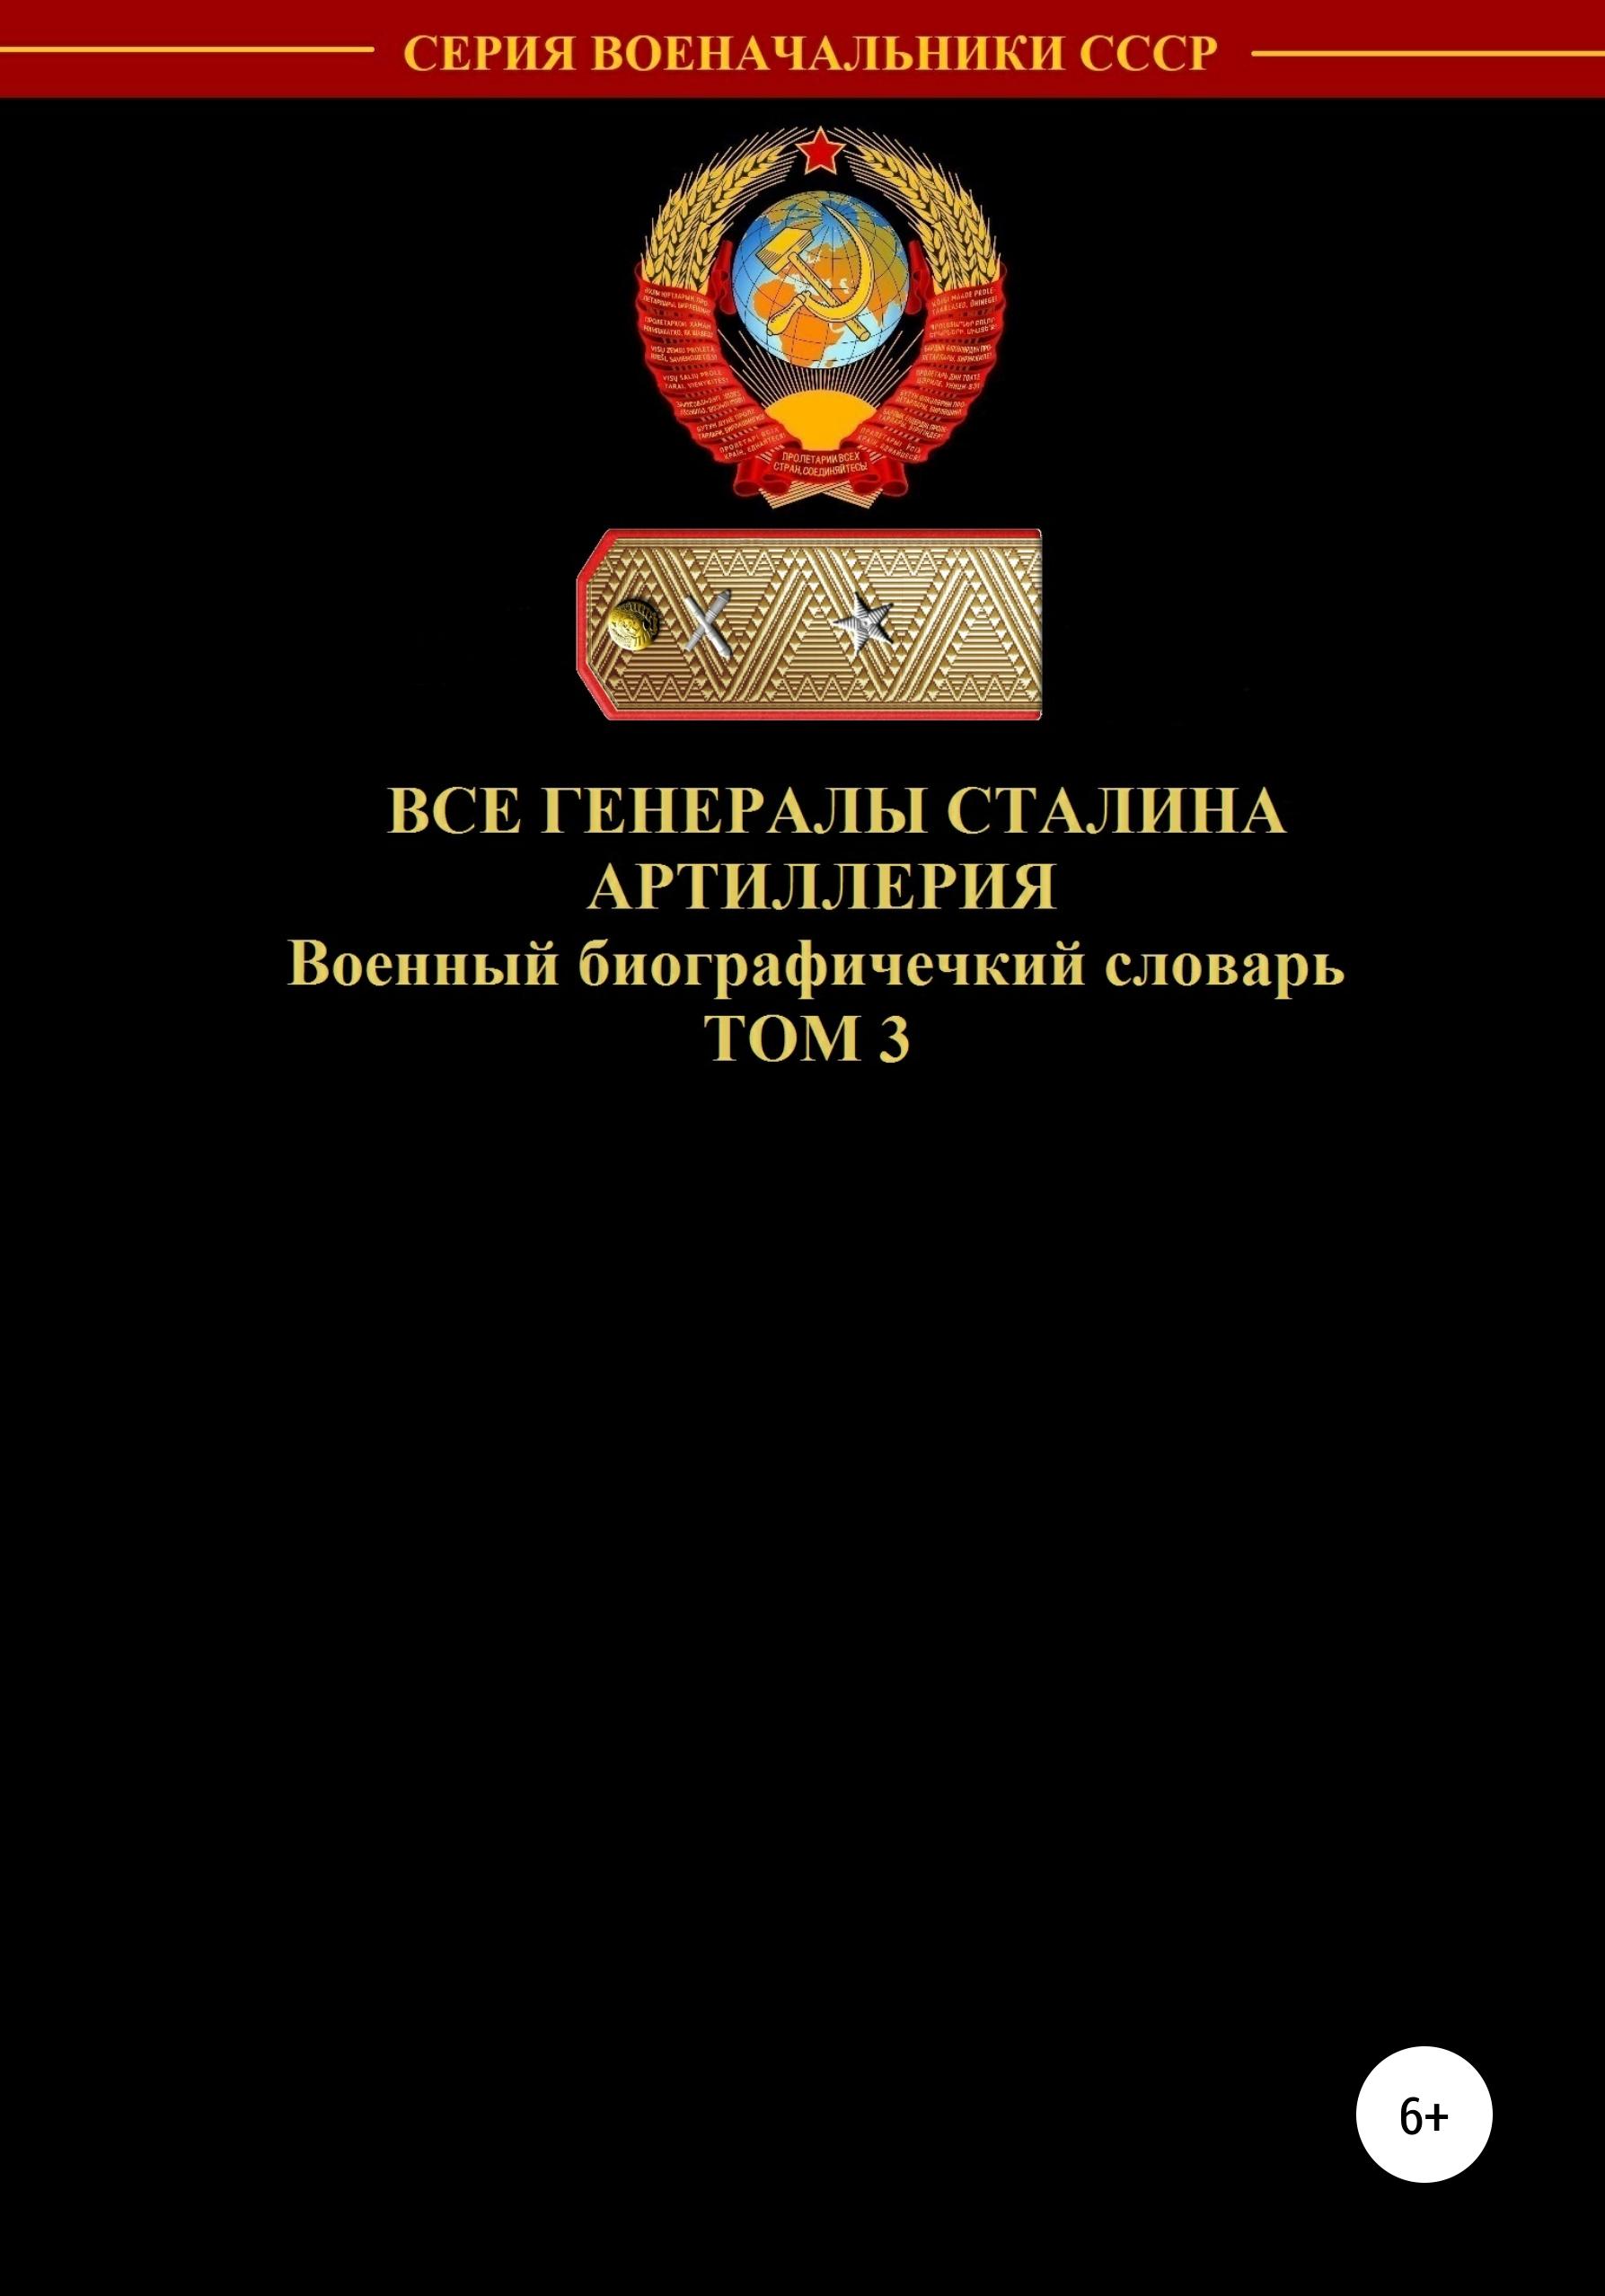 Купить книгу Все генералы Сталина. Артиллерия. Том 3, автора Дениса Юрьевича Соловьева